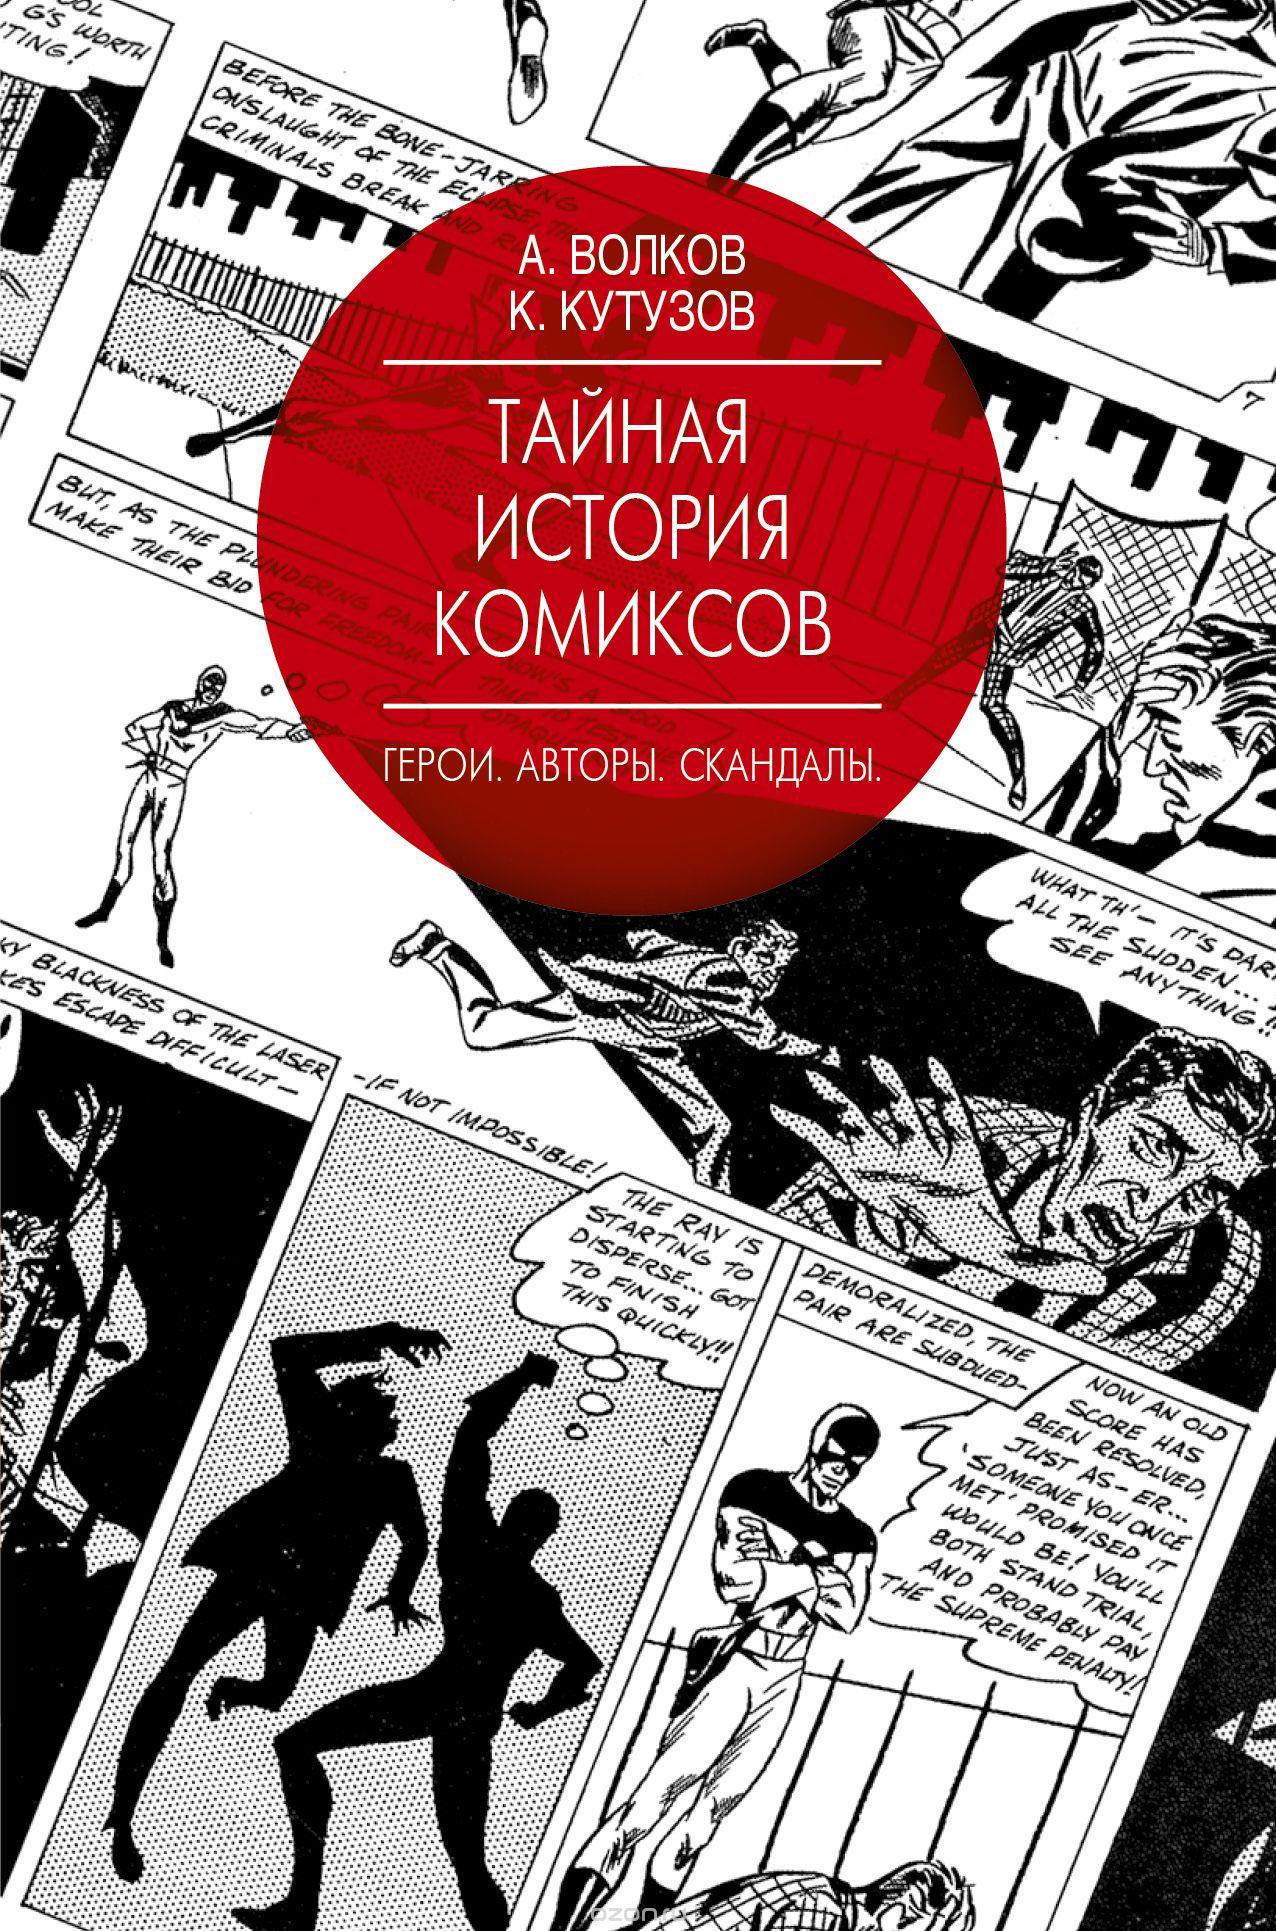 Книга на русском языке «Тайная история комиксов: Герои. Авторы. Скандалы.»